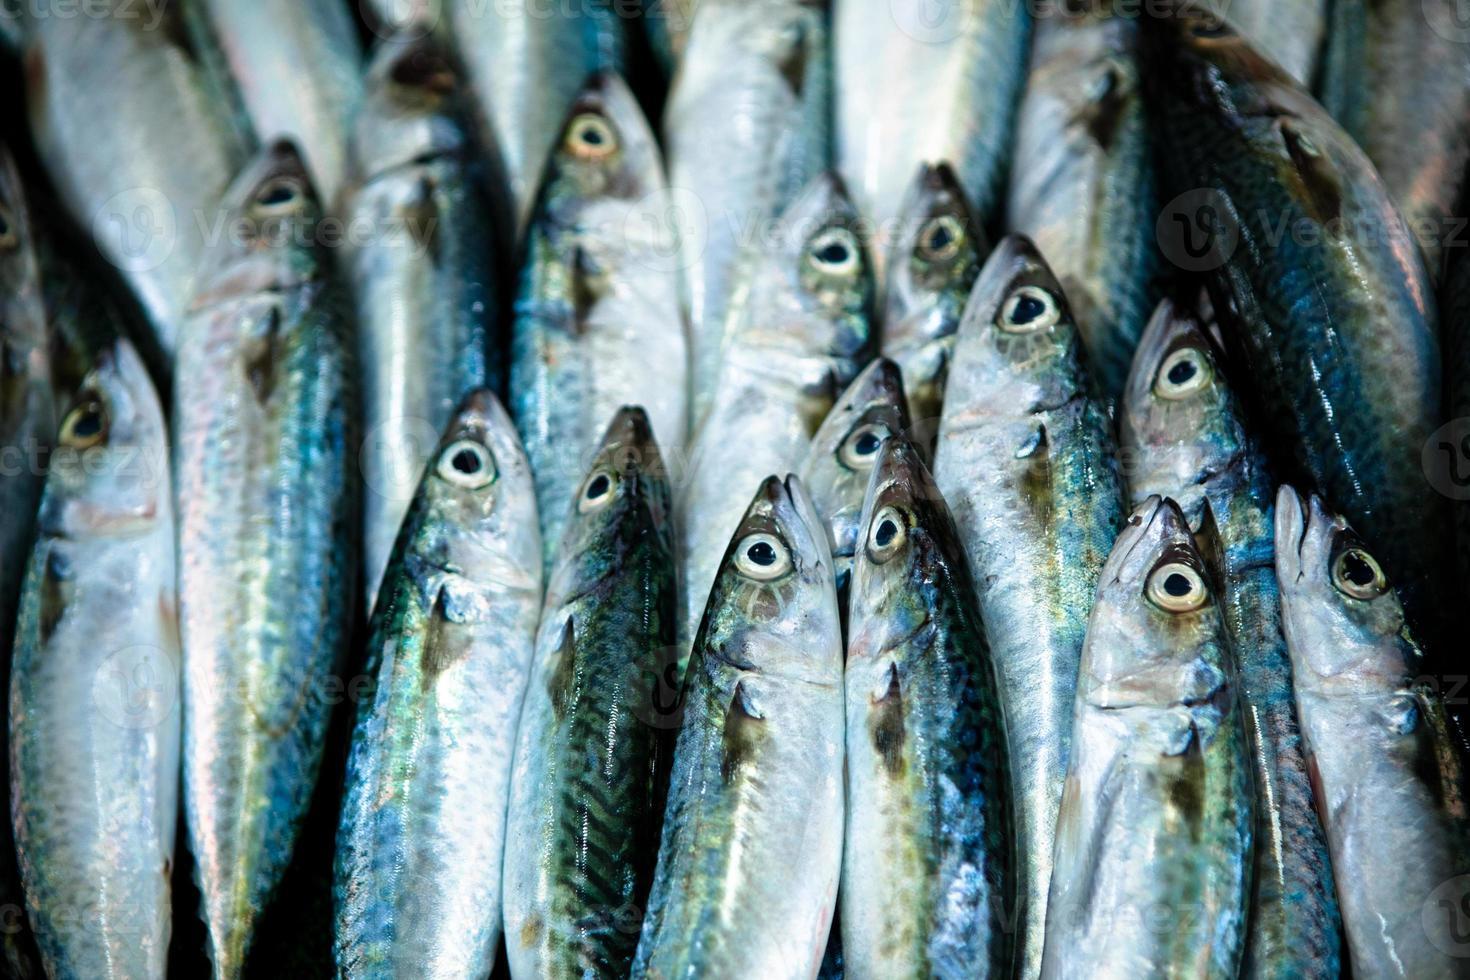 tas de poissons à vendre au marché photo